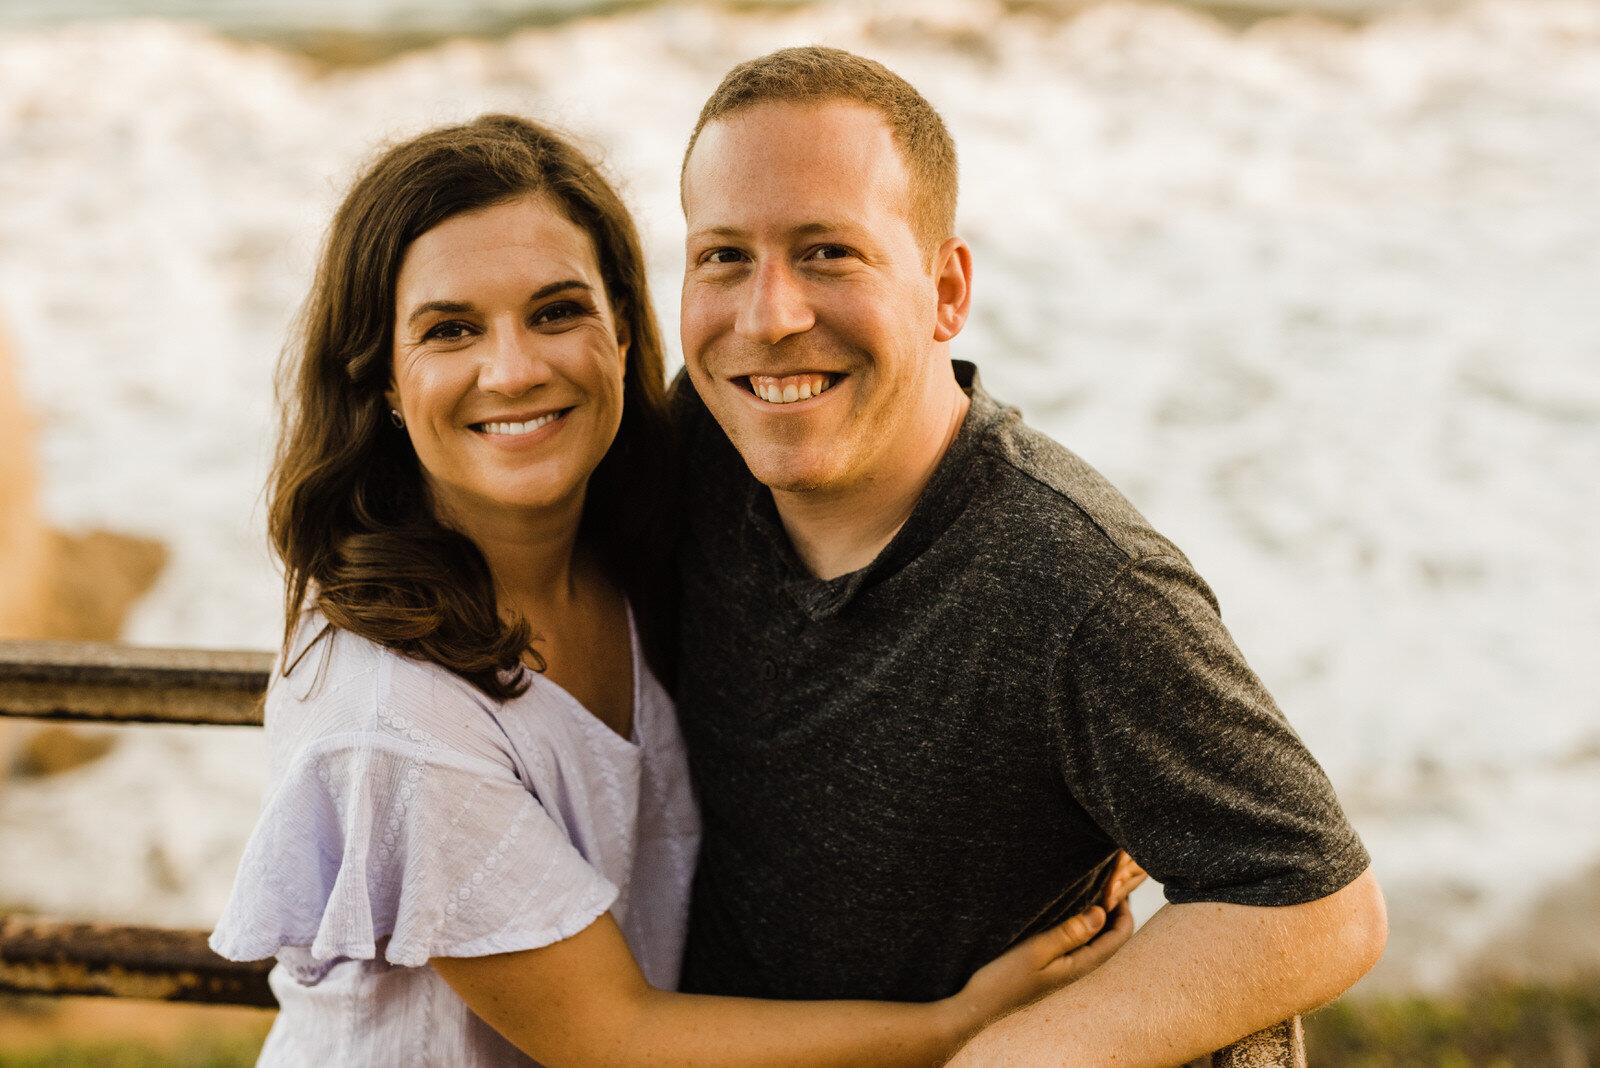 Romantic Engagement photos in Malibu, California